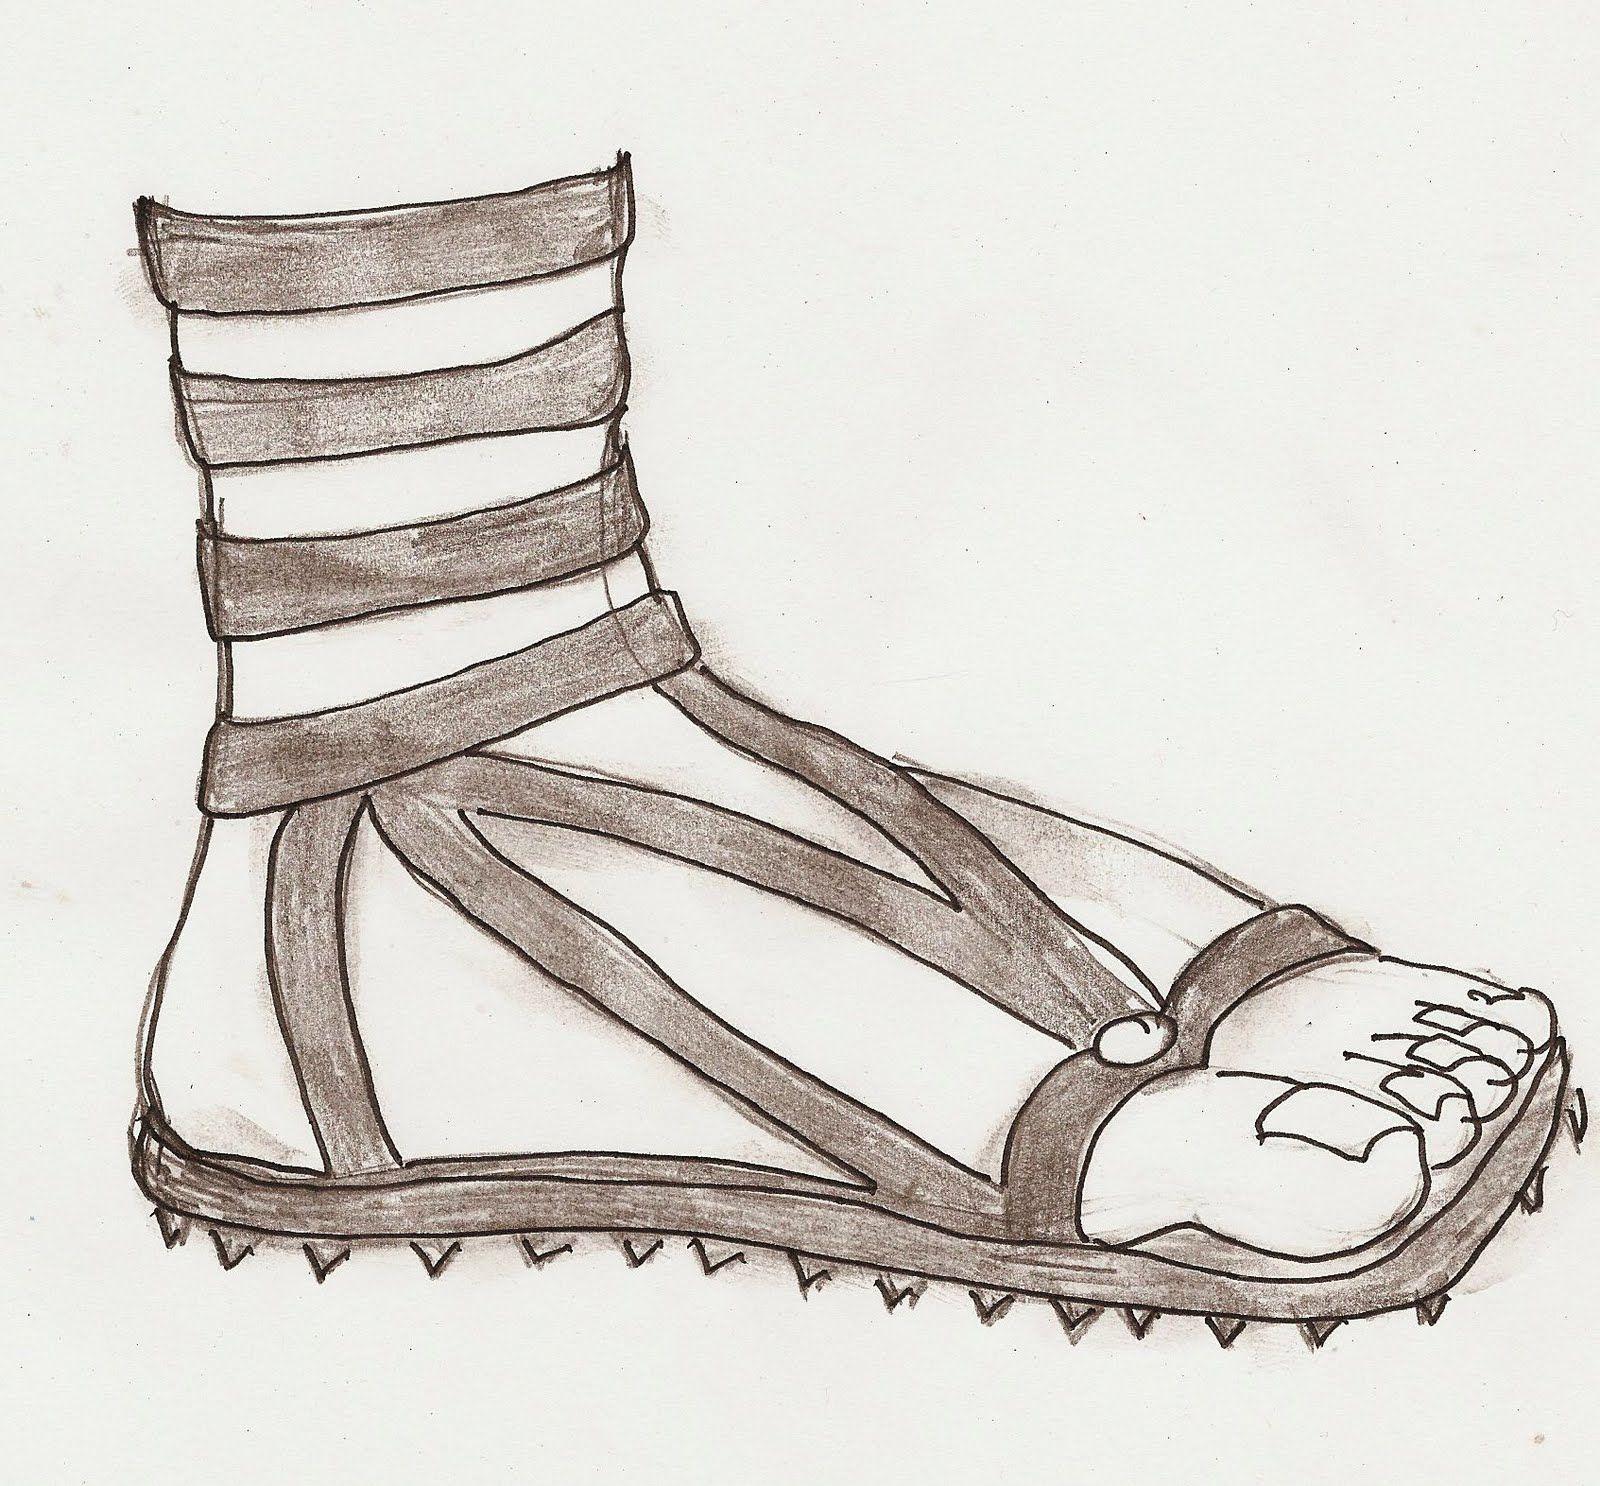 древнегреческие сандалии рисунок выехали